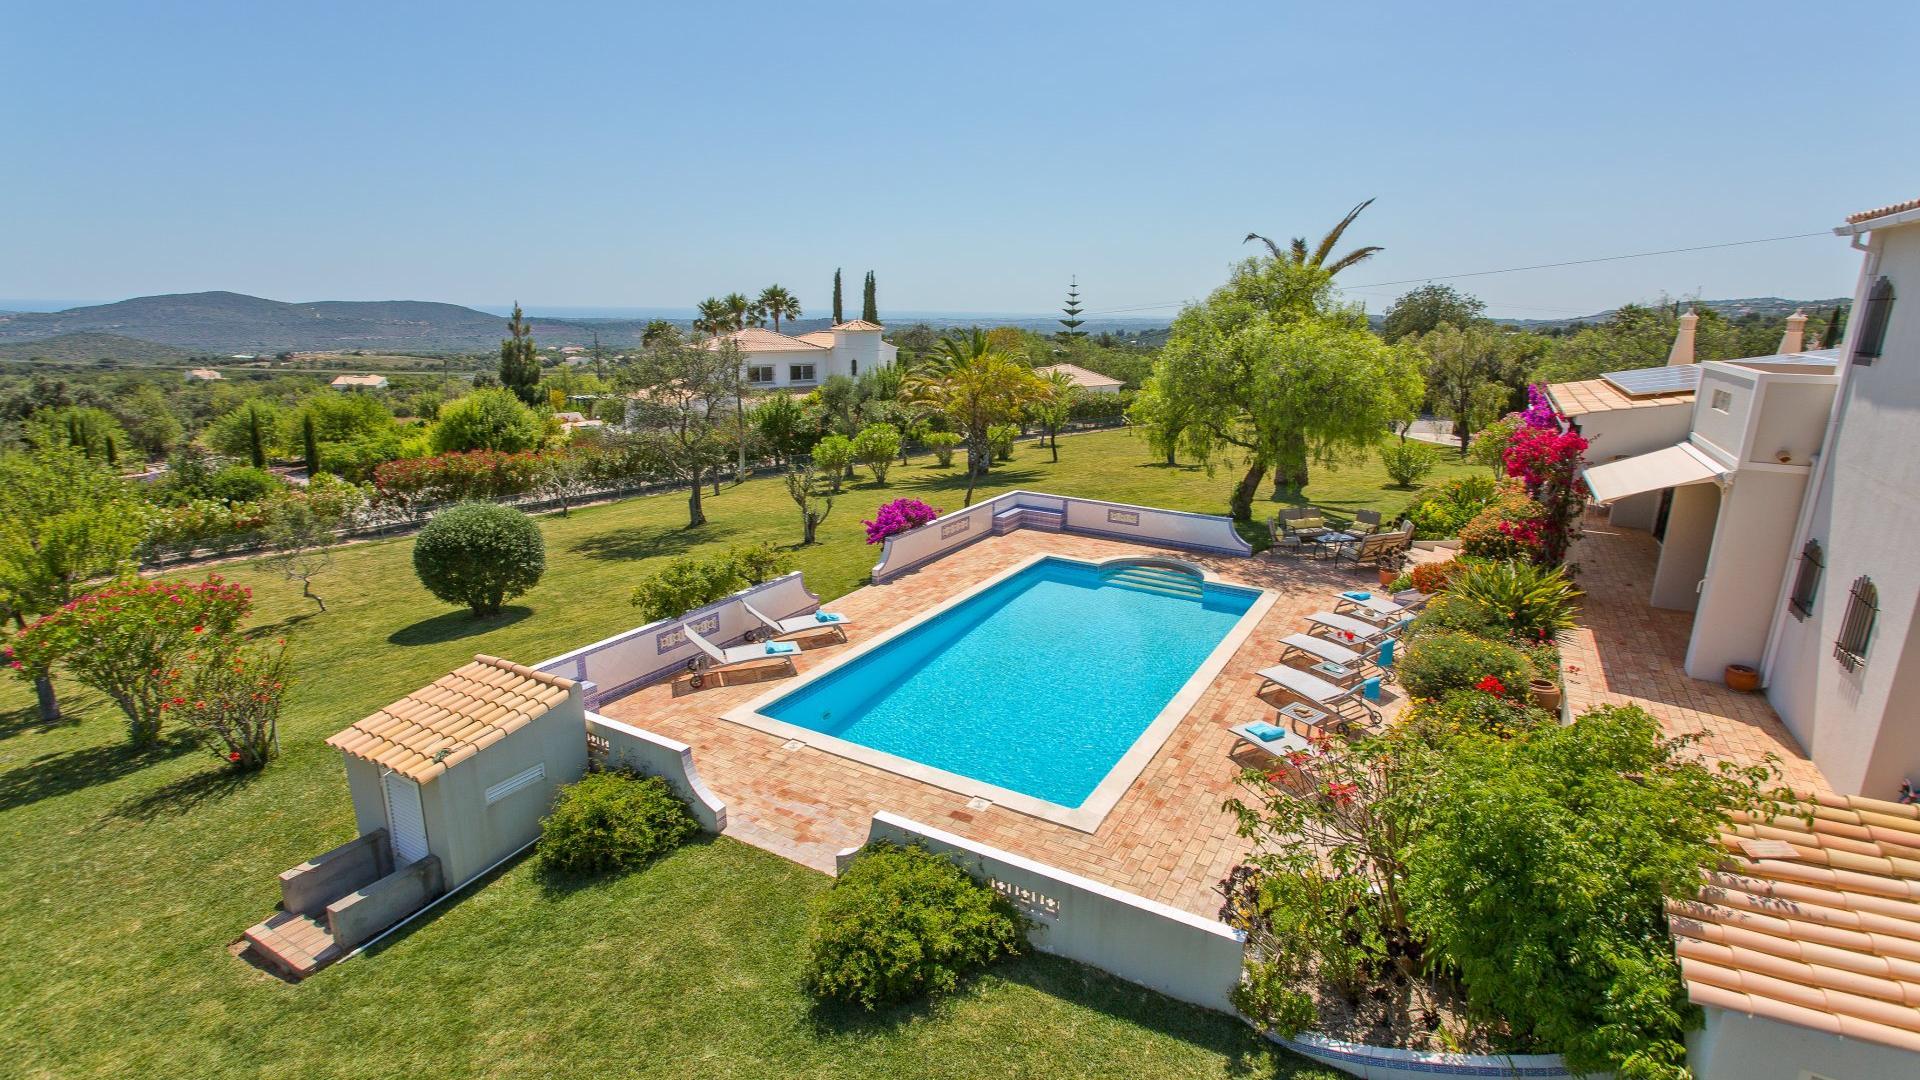 Villa Oasis - Loulé, Algarve - pool_villa.jpg